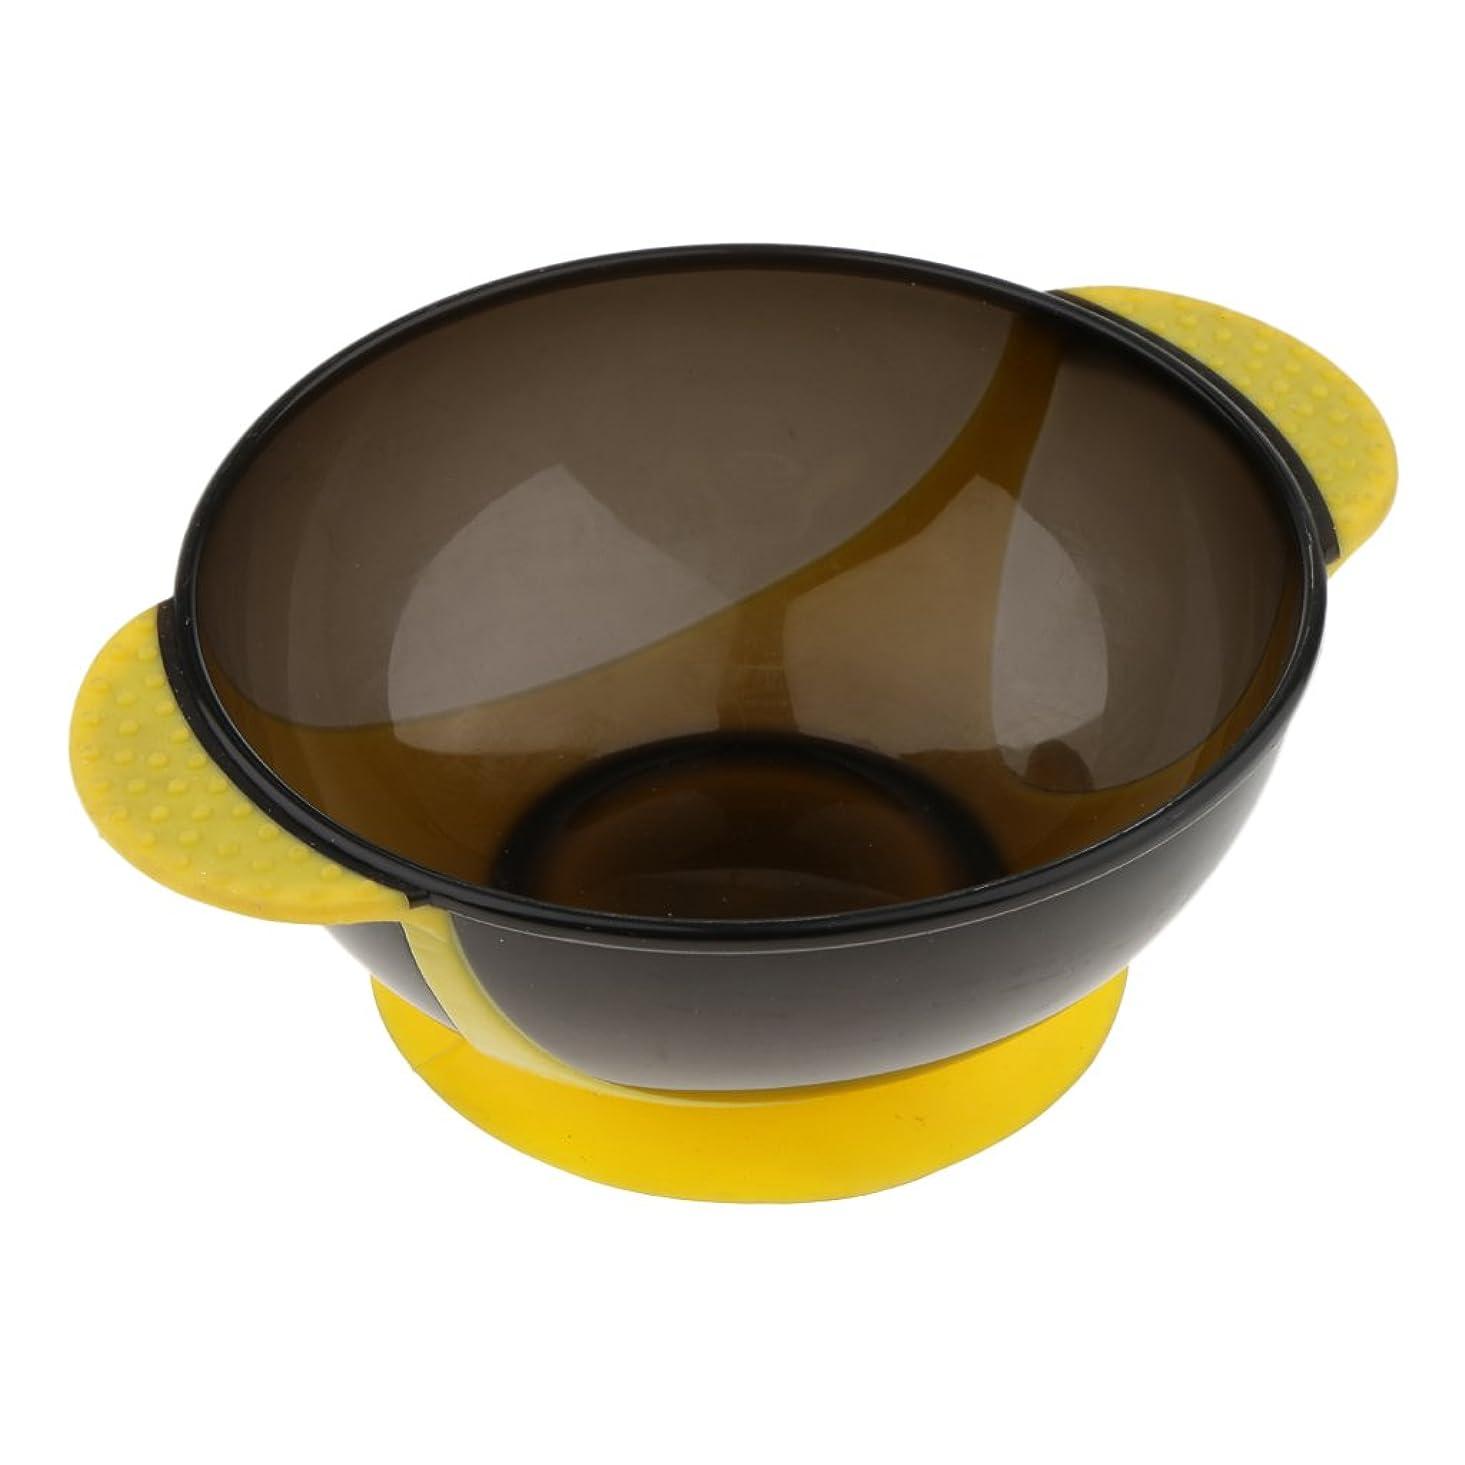 コーンウォール優遇有彩色のSharplace 全3色 ヘアカラー ミキシングボウルヘアダイボウル ボウル 吸着パッド 洗濯可能 速乾性 - 黄